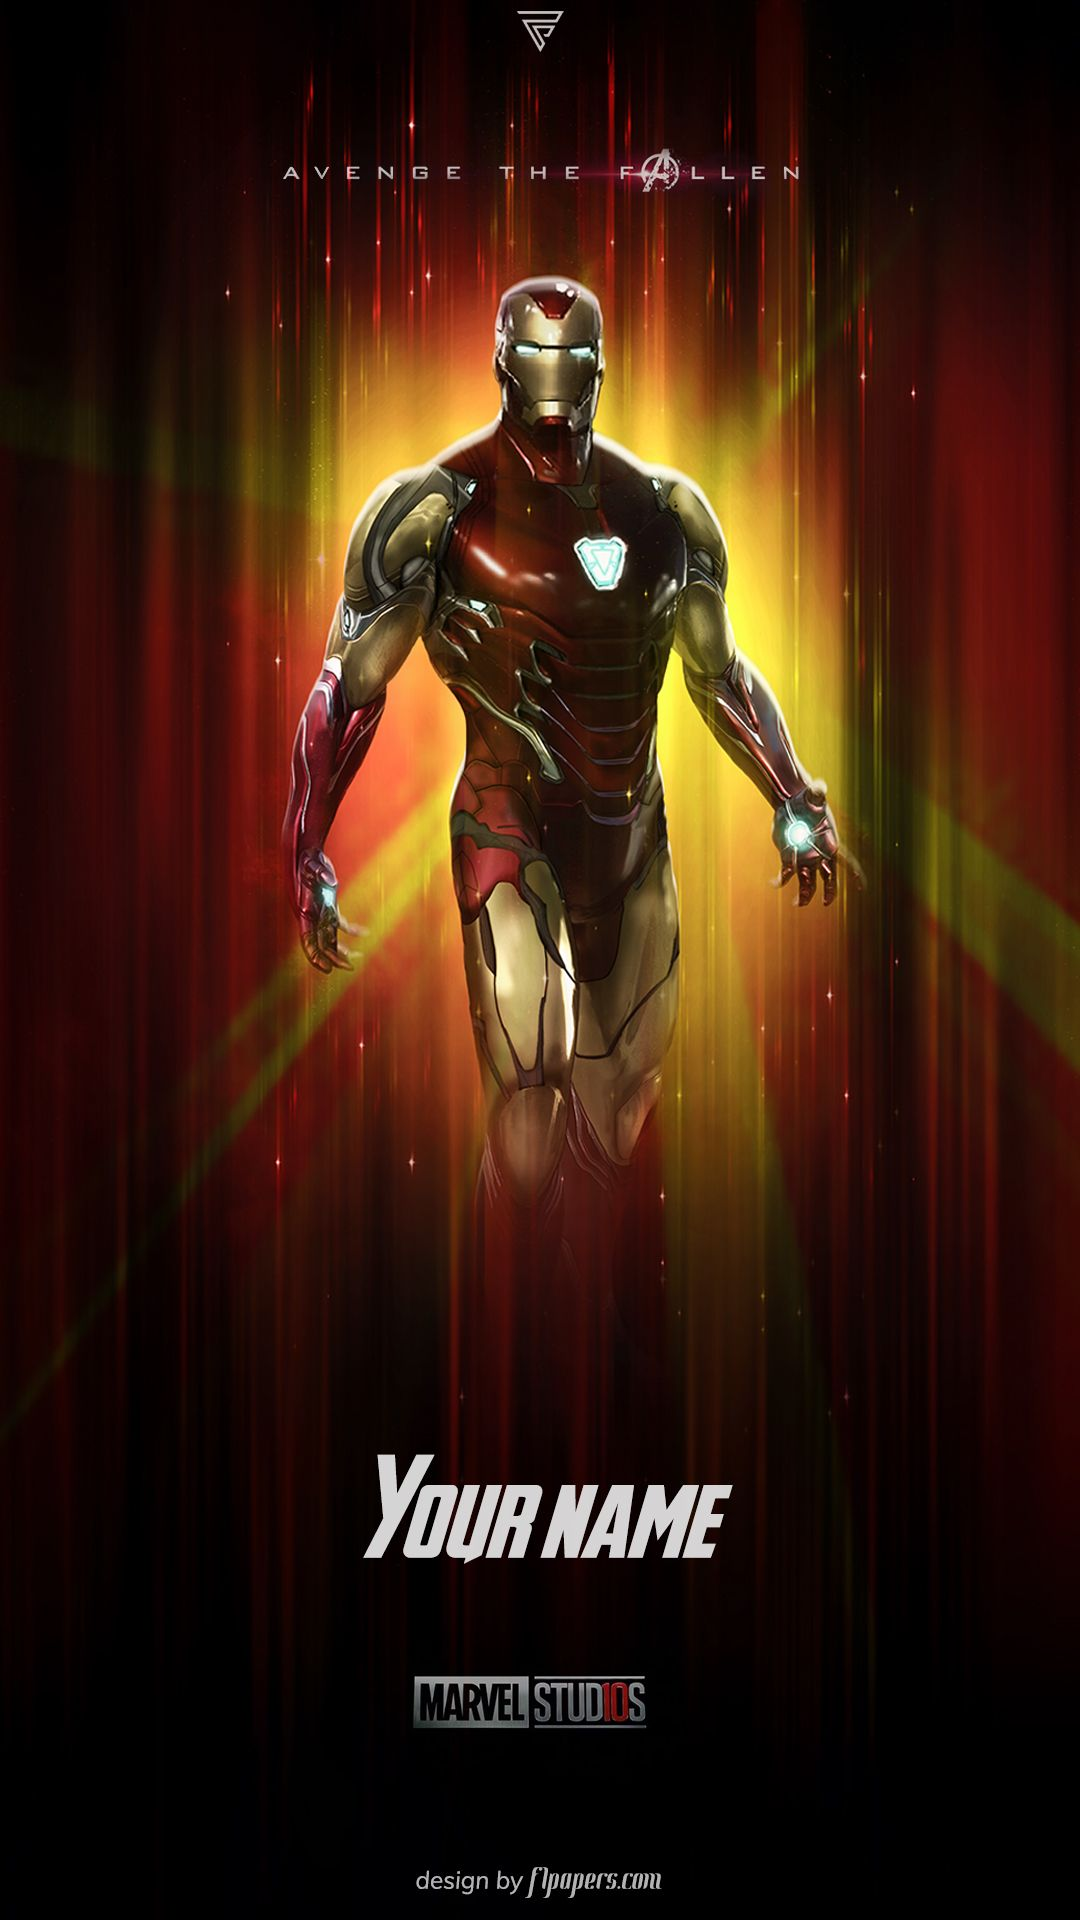 Iron Man Endgame Hd Wallpaper Iron Man Wallpaper Iron Man Iron Man Avengers Endgame hd wallpaper iron man endgame